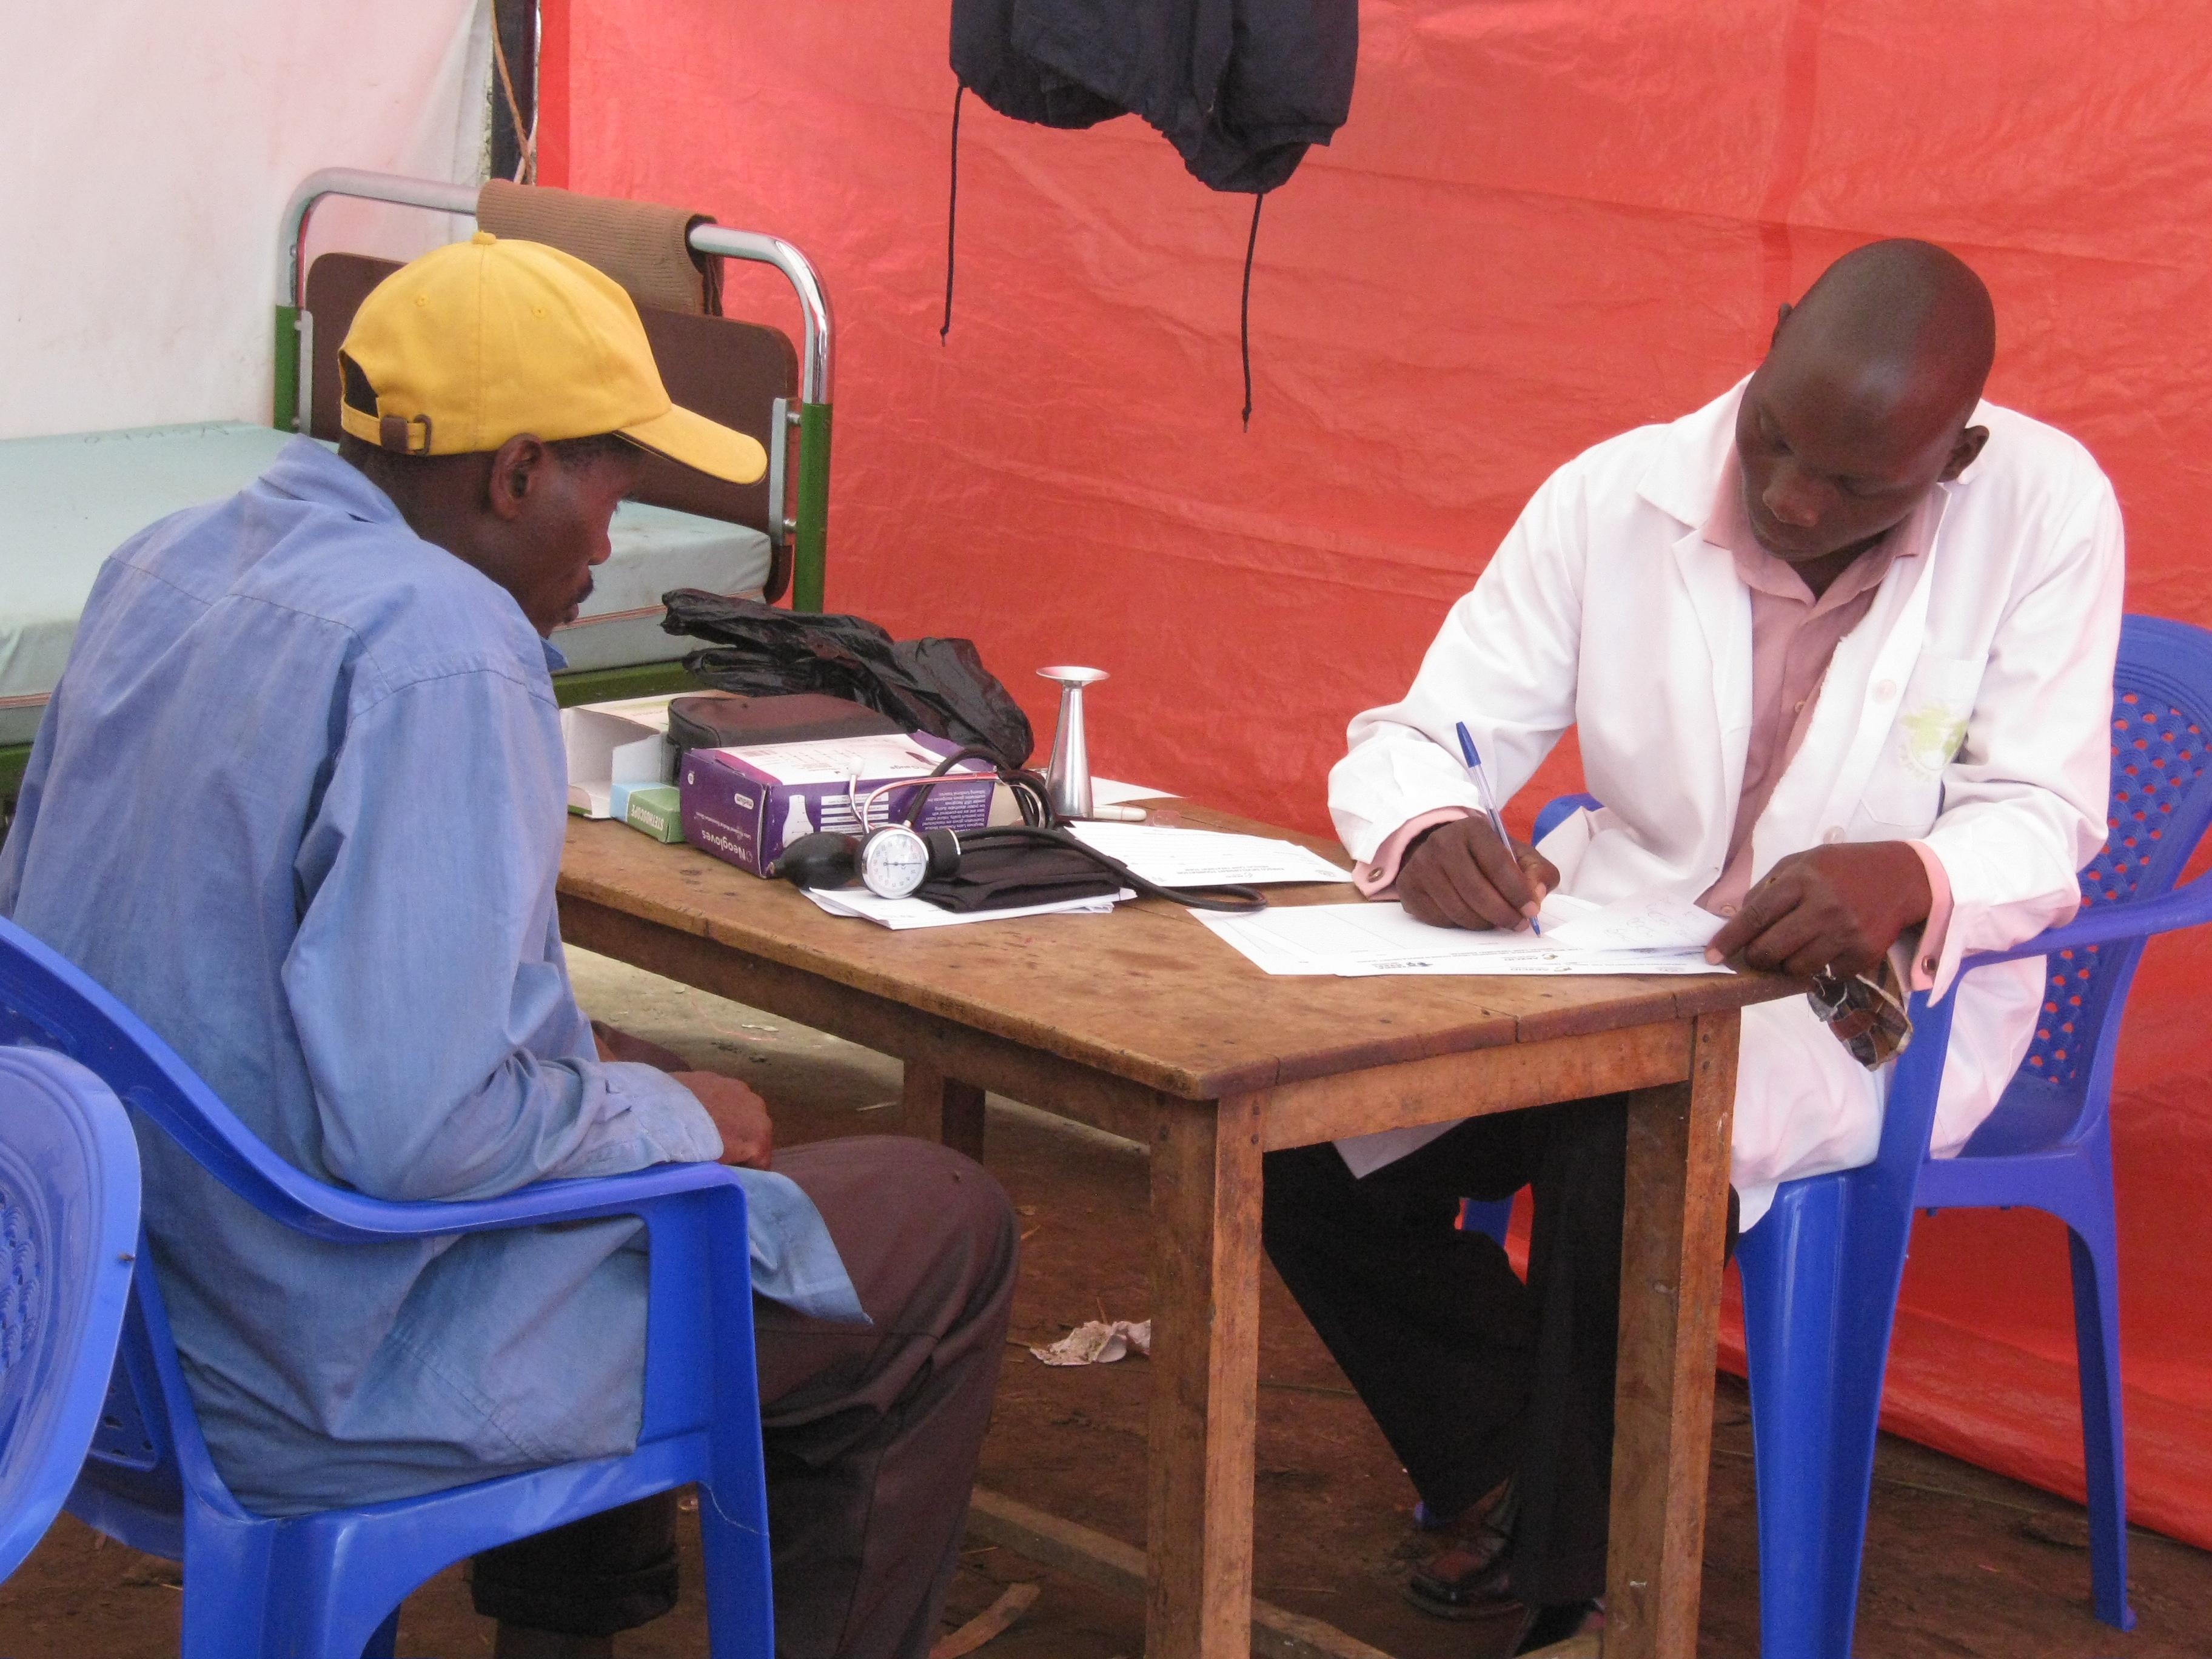 atención sanitaria uganda